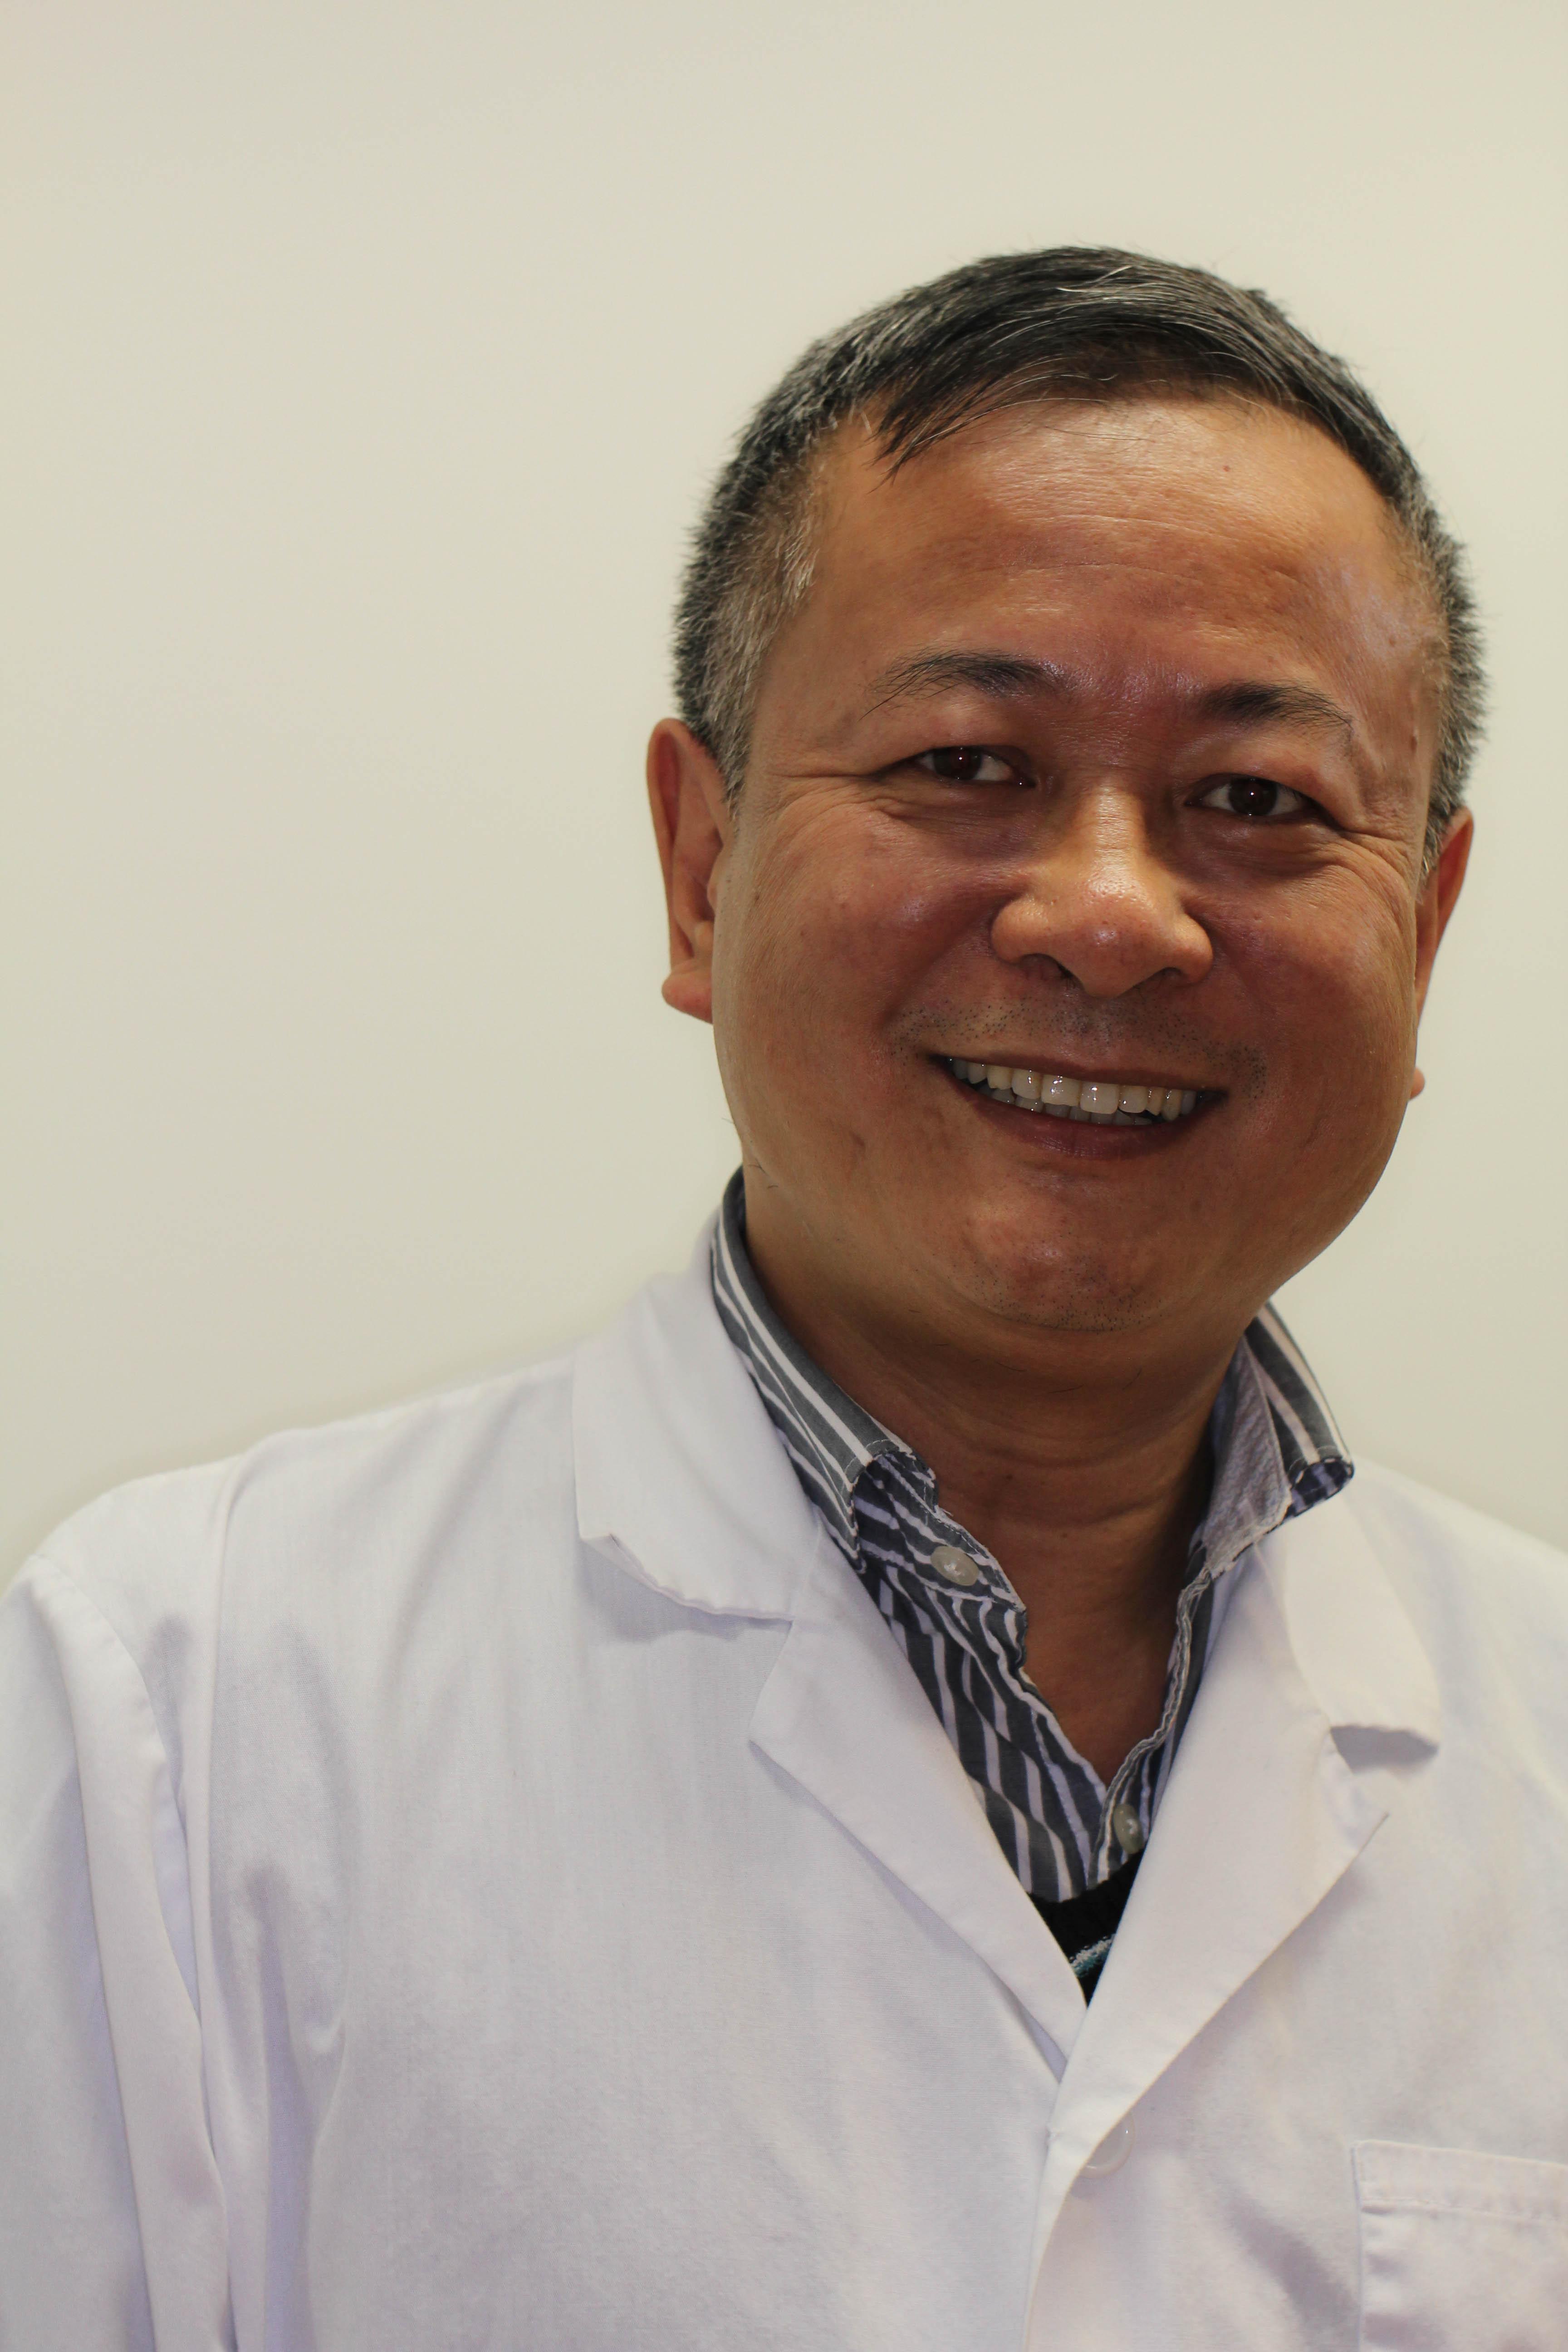 dr zhong bio picture